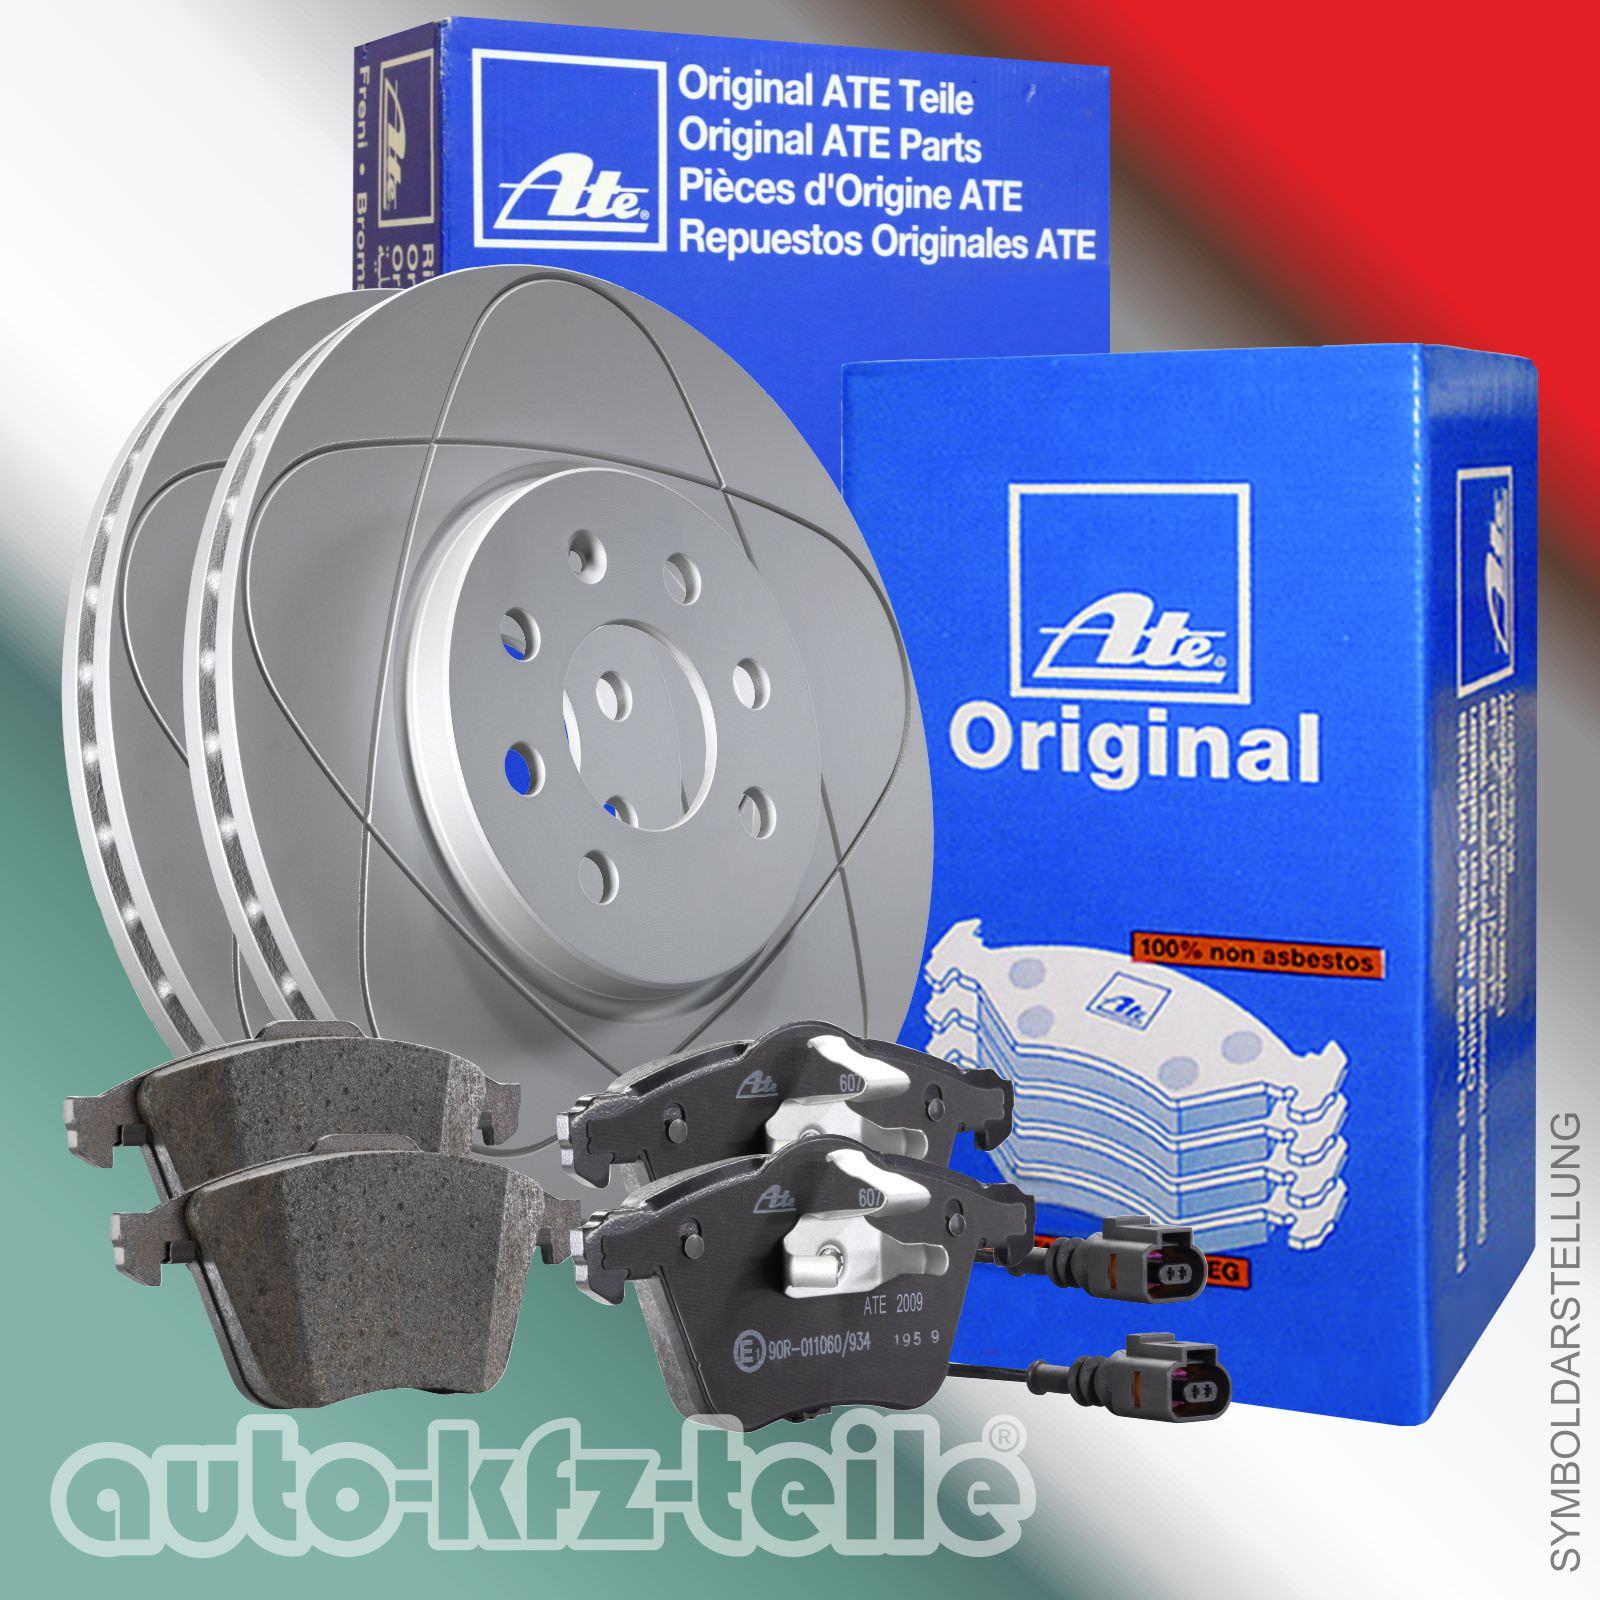 Bremsbeläge mit Warnkontakt  Opel Astra H  Satz für  vorne